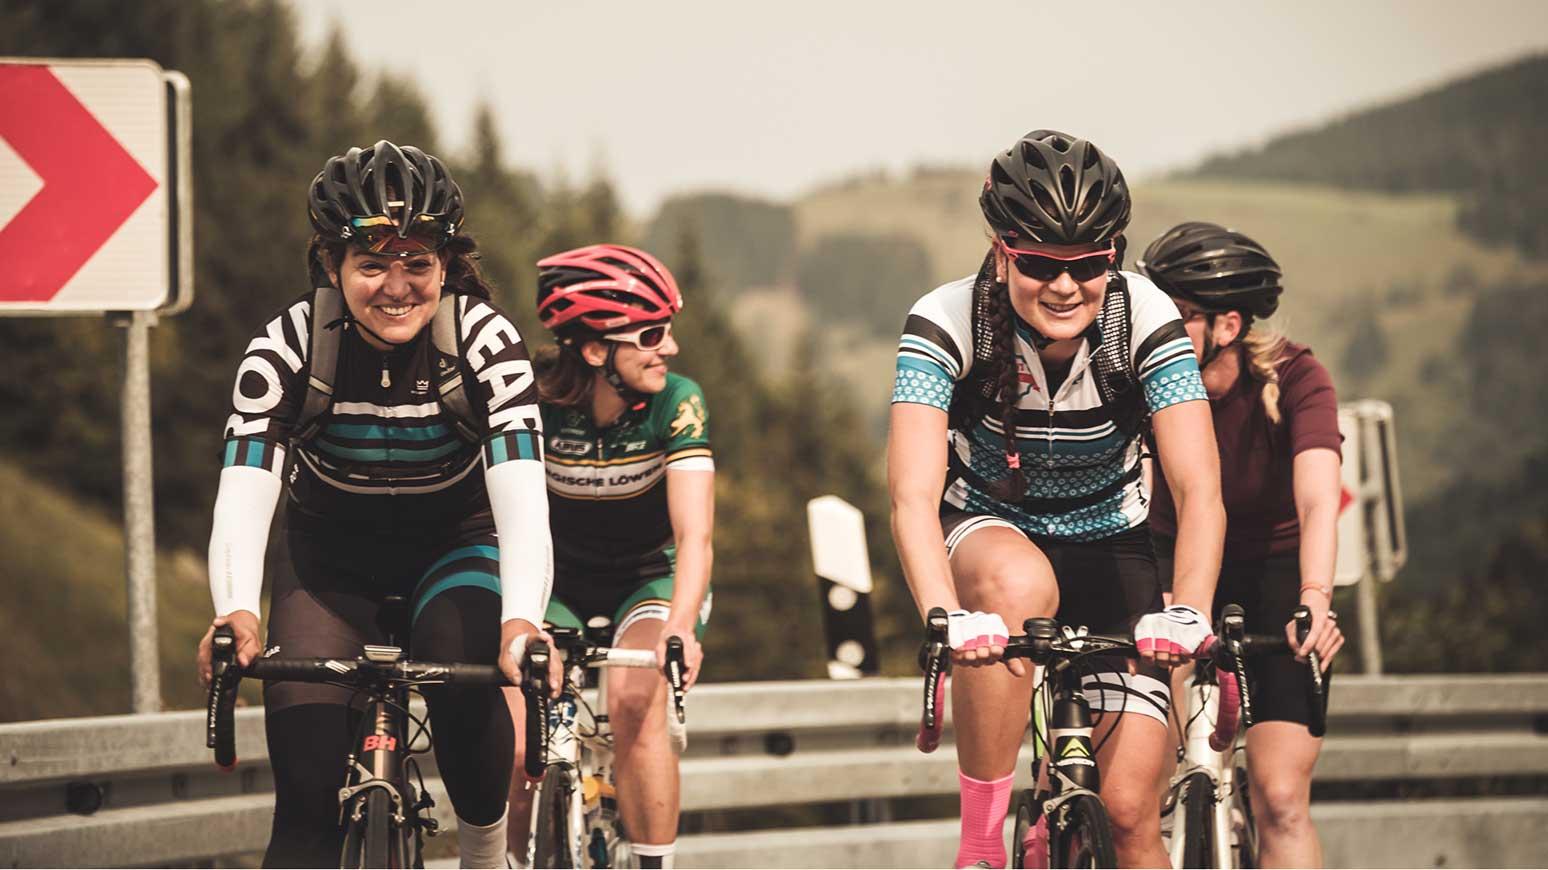 Beim Women's Cycling Camp gibts gemeinsame Rennrad-Ausfahrten.